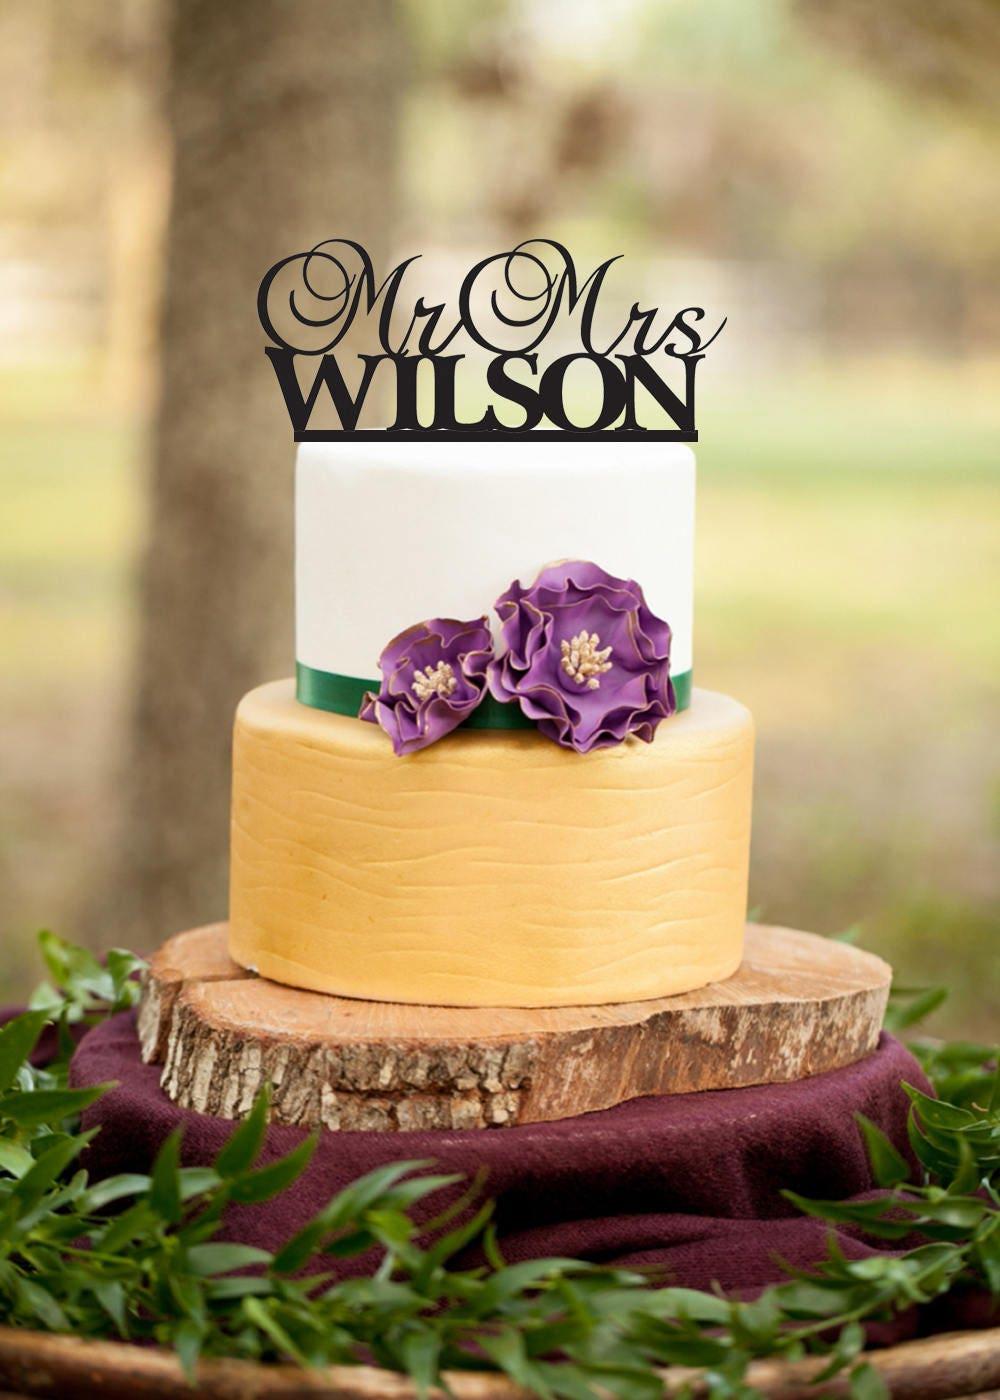 Custom Wedding Cake Topper Custom Last Name Mr and Mrs Cake